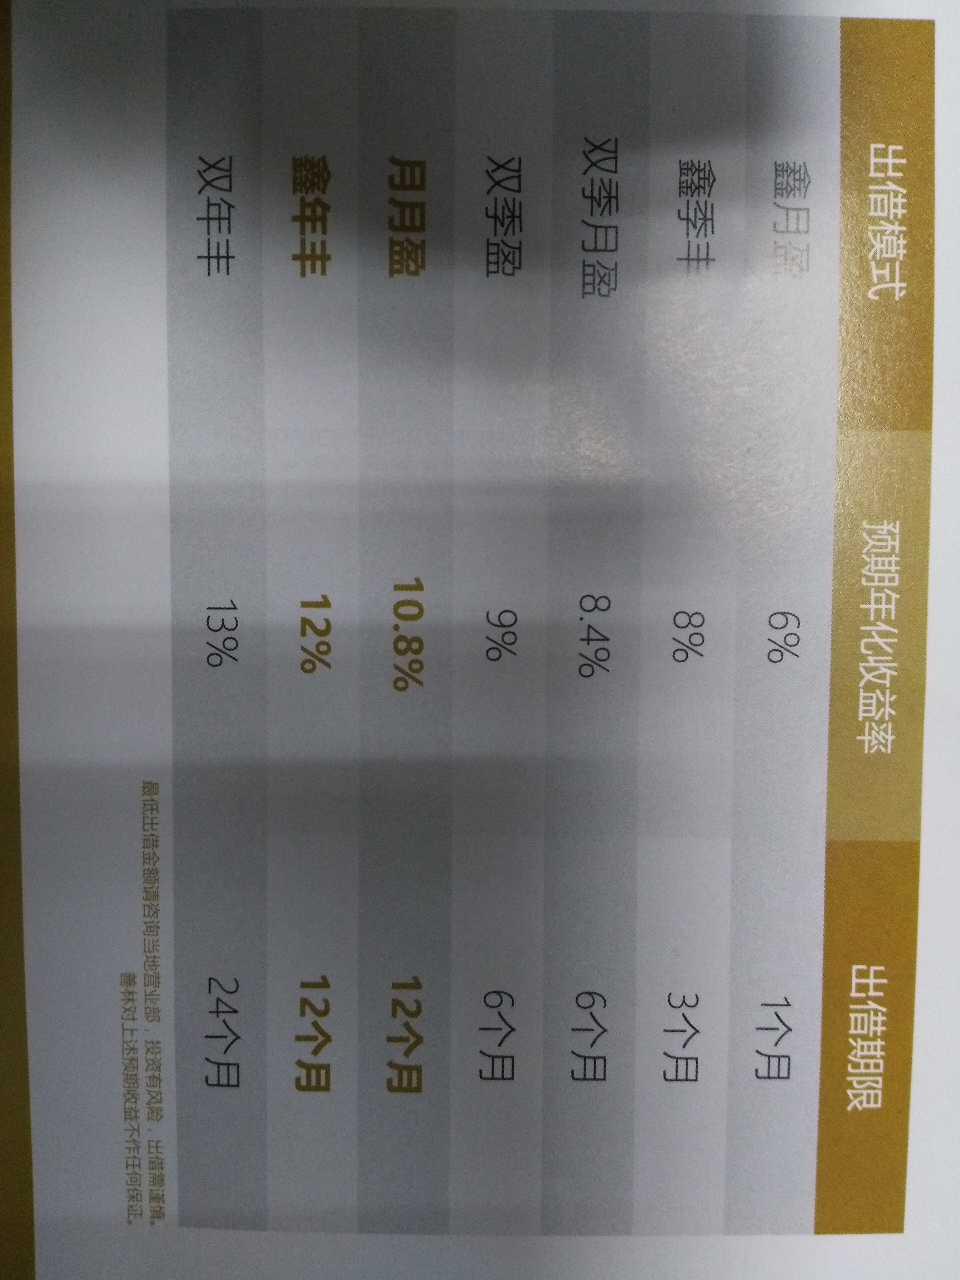 来自李**发布的招商投资信息:... - 善林(上海)金融信息服务有限公司